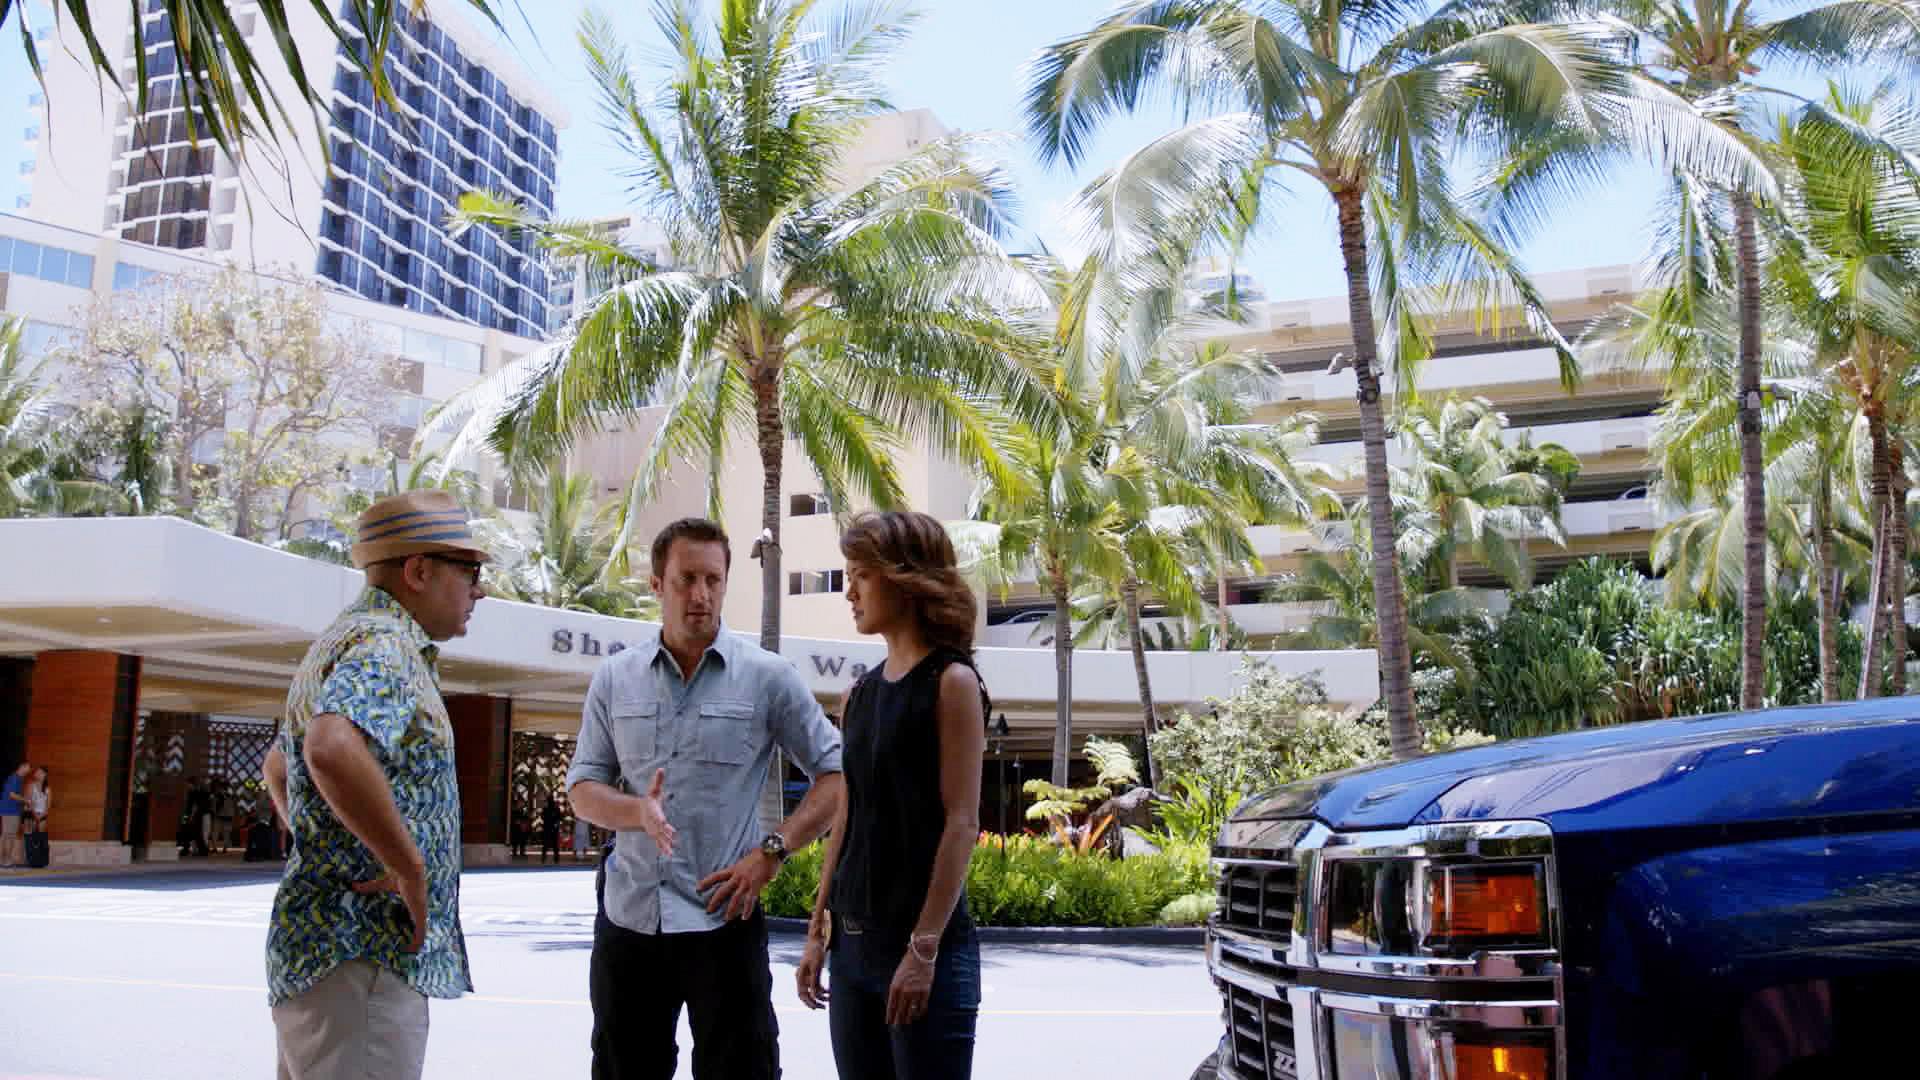 Willie Garson as Gerard Hirsch, Alex O'Loughlin as Steve McGarrett, and Grace Park as Kono Kalakaua